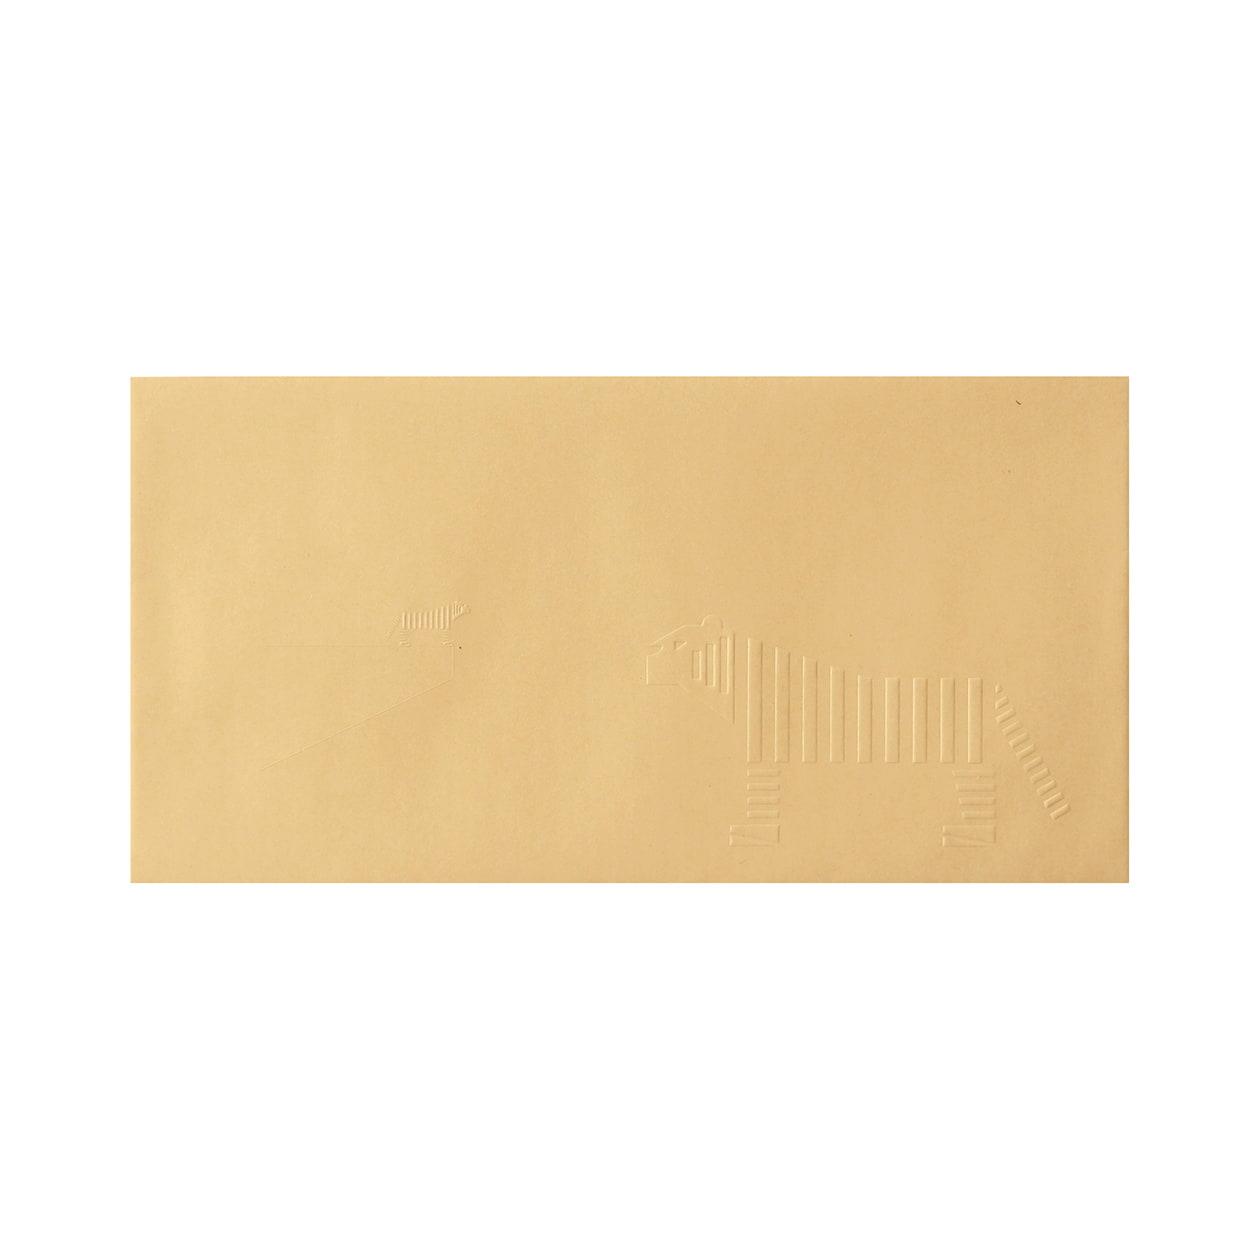 見本 00028 長3カマス封筒 クラフト 85g